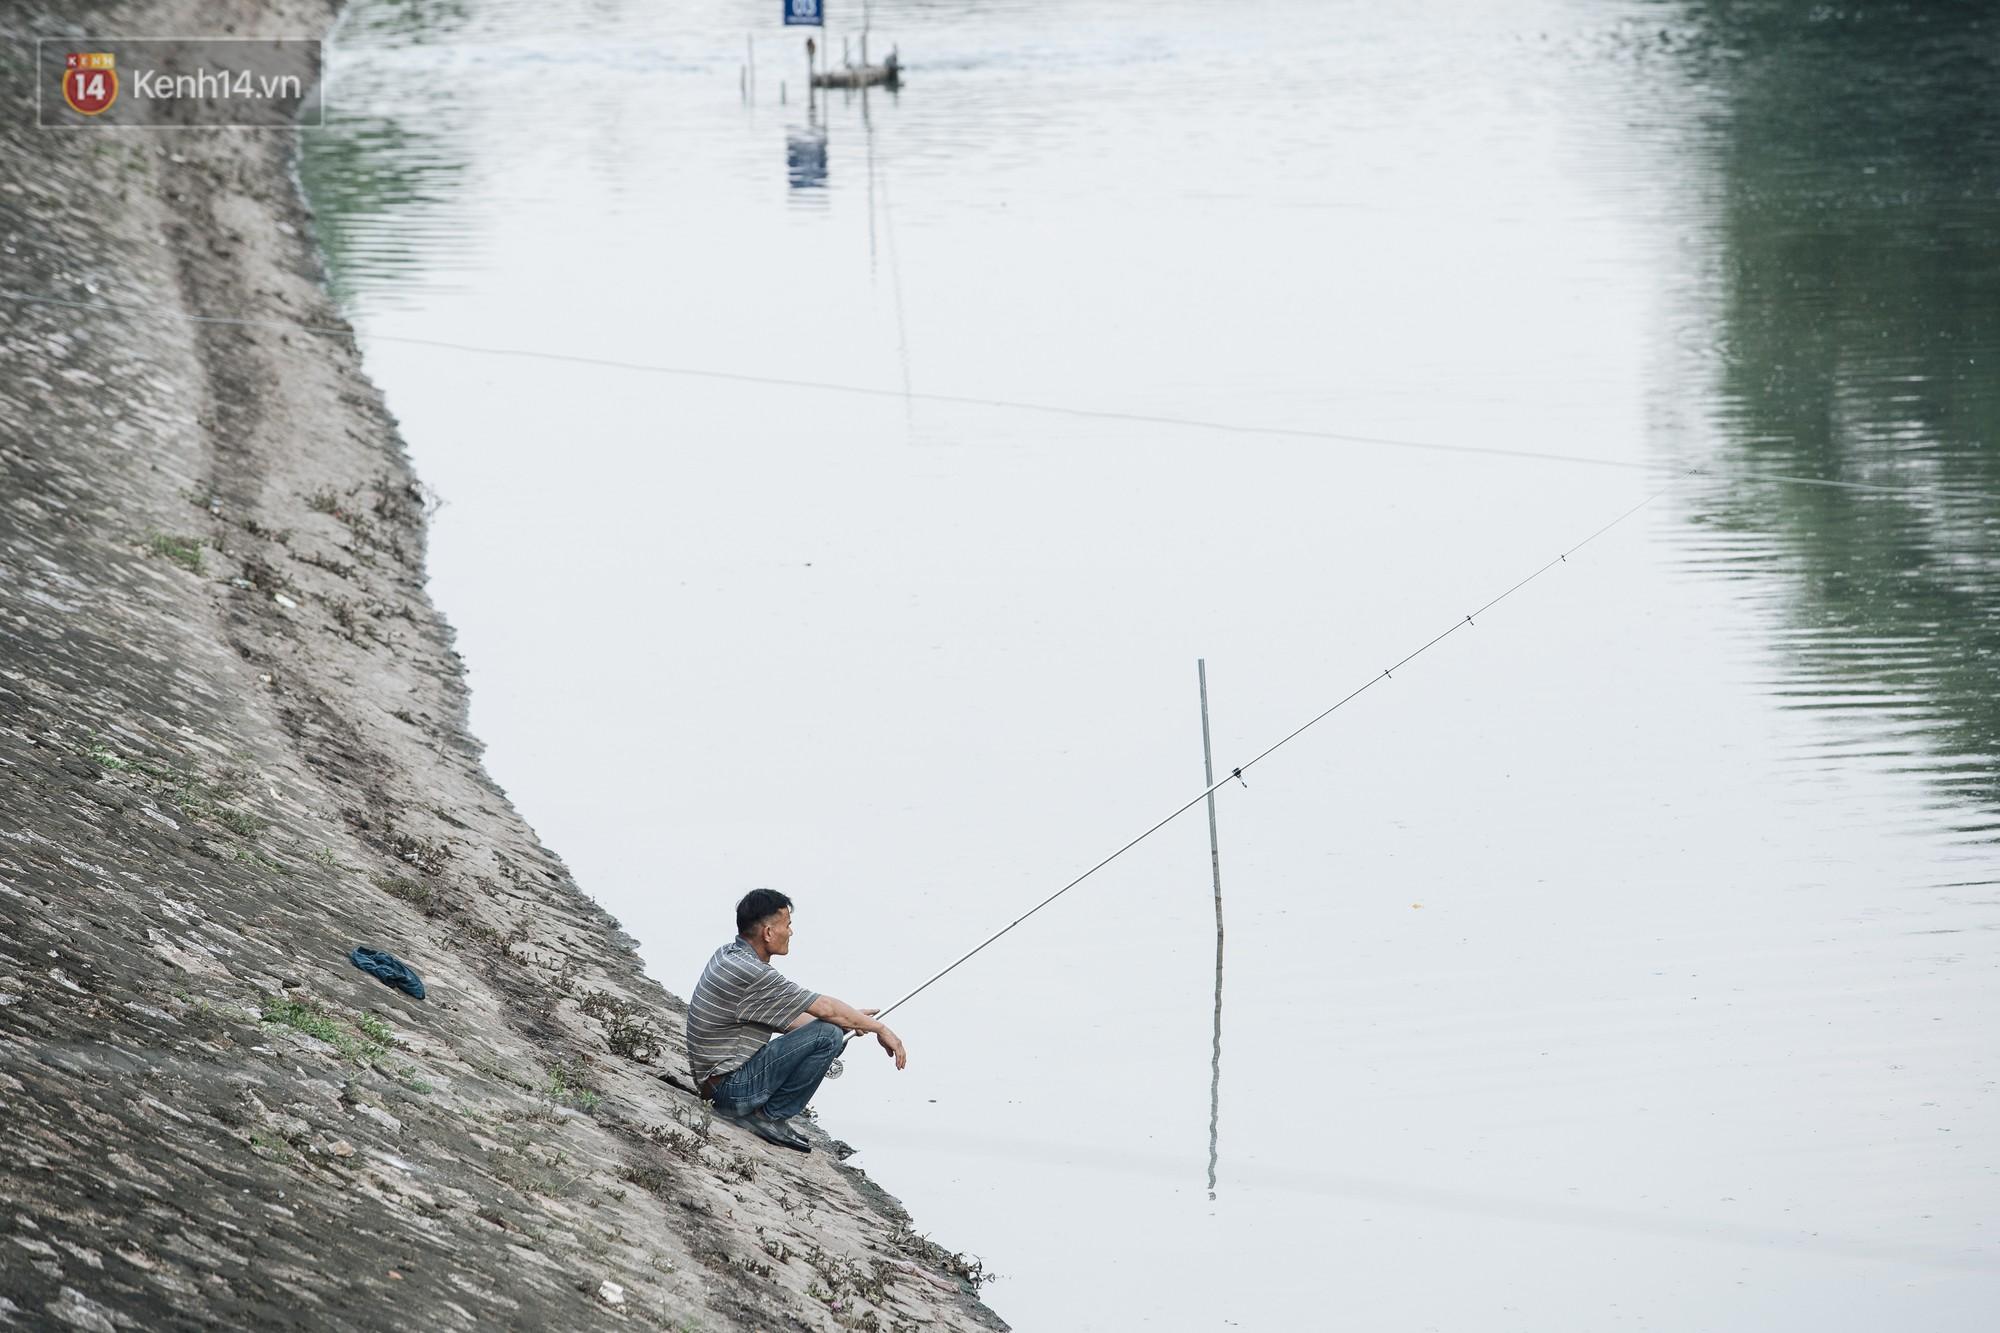 Sông Tô Lịch đổi màu sau khi làm sạch bằng công nghệ Nhật Bản: Hoa lau xanh mướt, người dân thư thả câu cá - Ảnh 13.